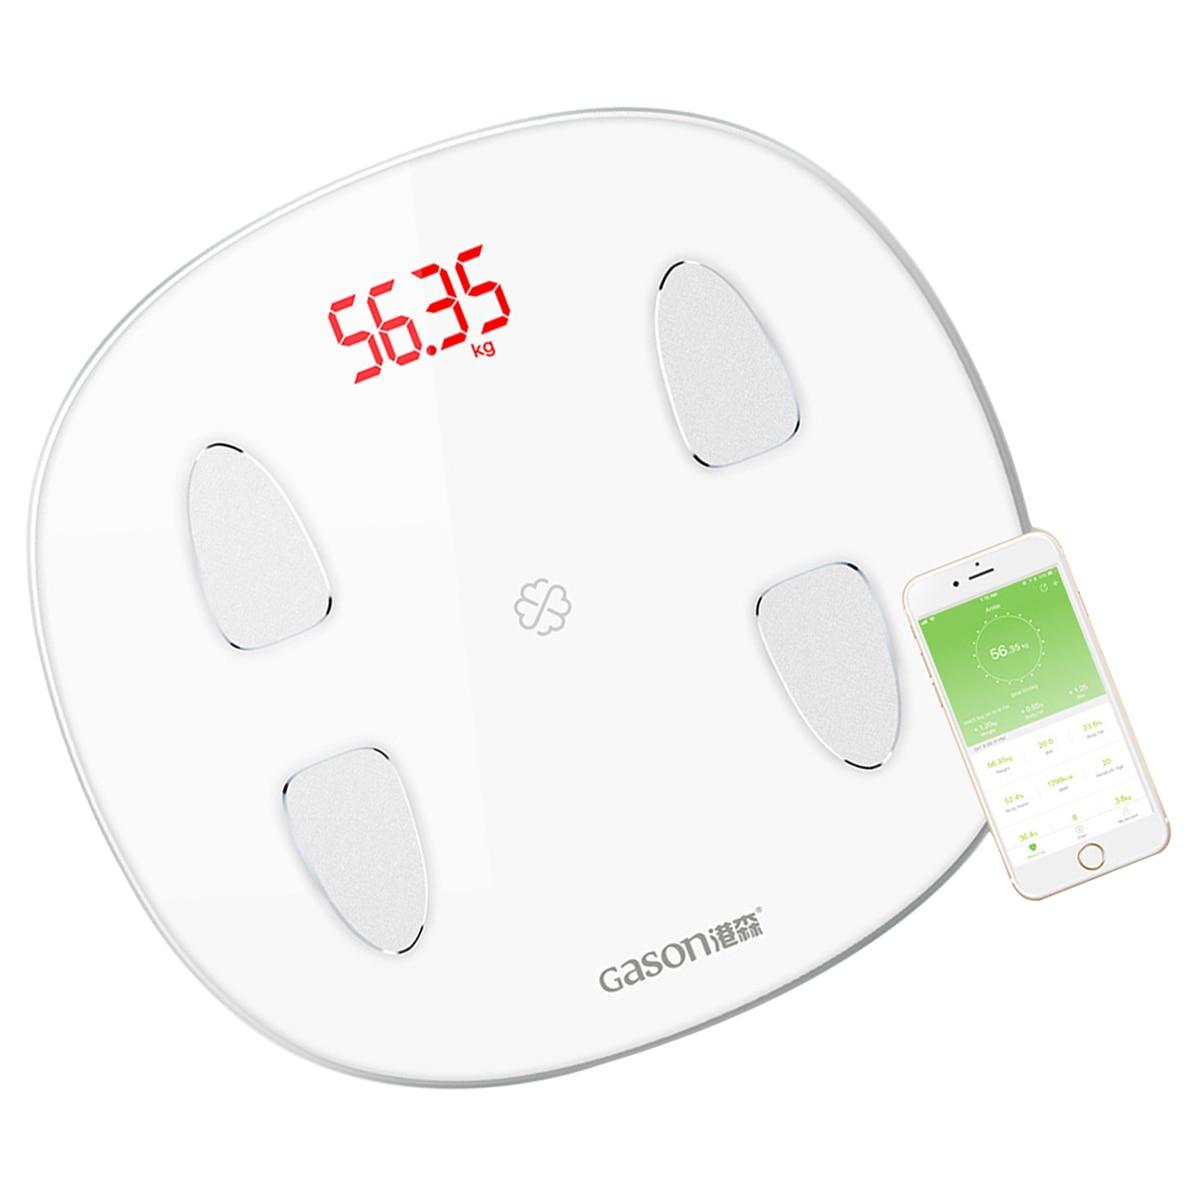 1 шт. весовые весы утилита портативные Bluetooth Stalinite Электронные цифровые весы для домашнего веса ing здоровья - 4